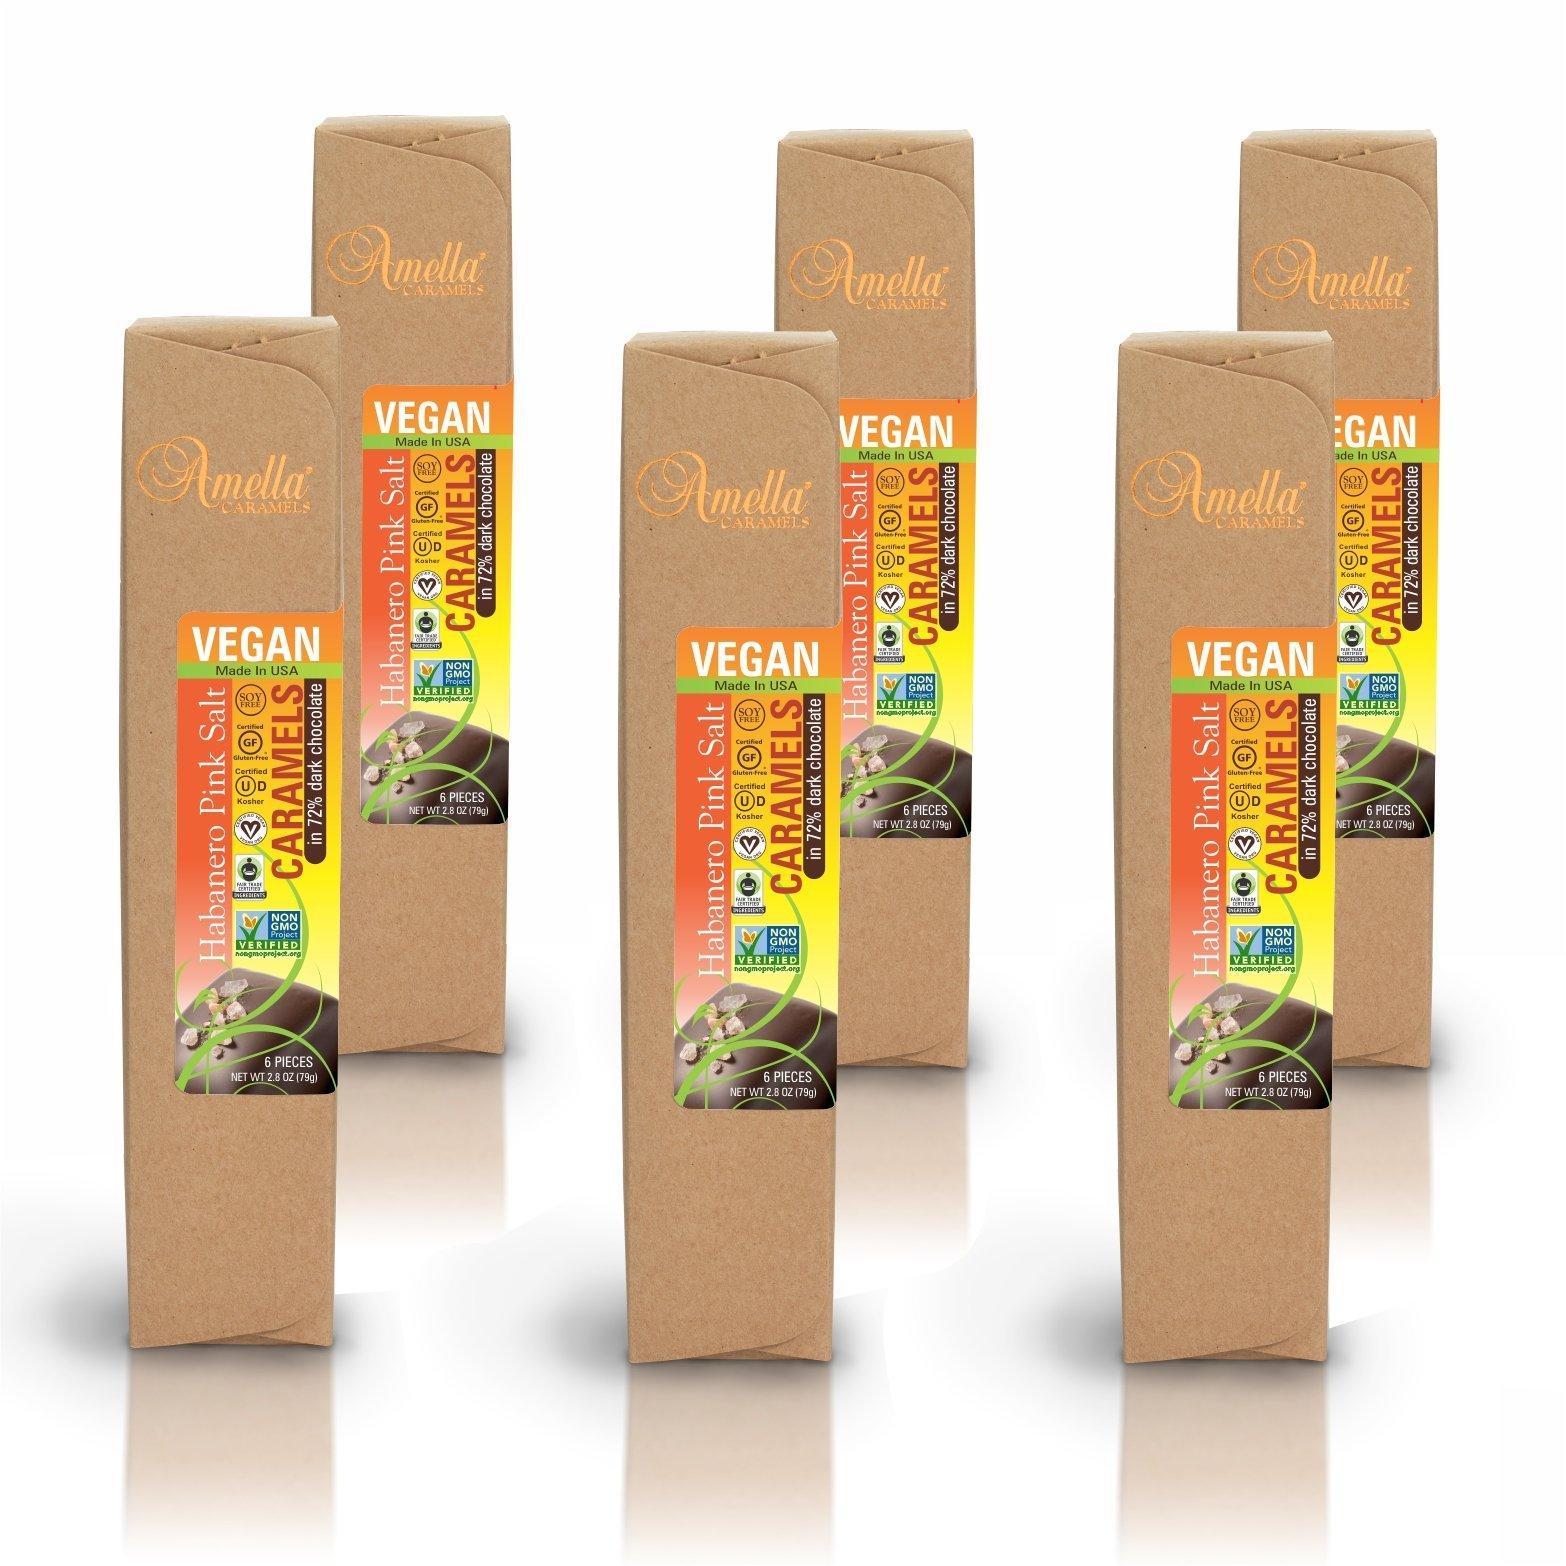 Vegan Habanero Pink Salt Caramels in 72% Dark Chocolate, 16.8 ounces (6 packs - 6 pcs/pack)